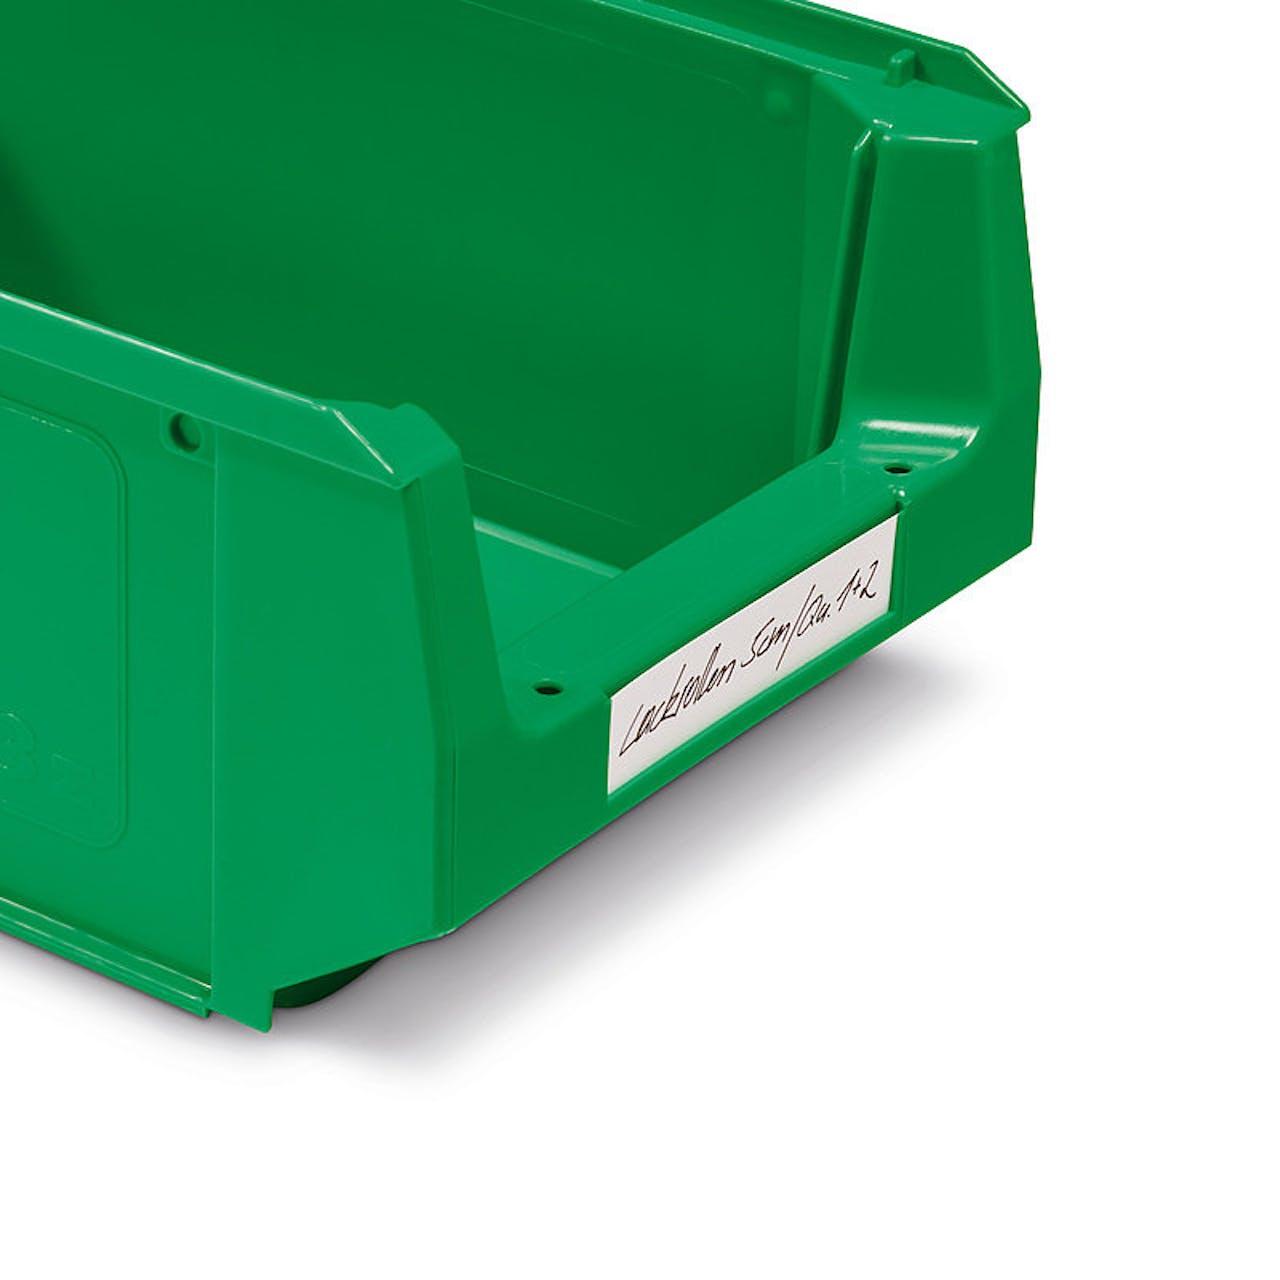 Etiketten für Sichtlagerkästen aus Kunststoff